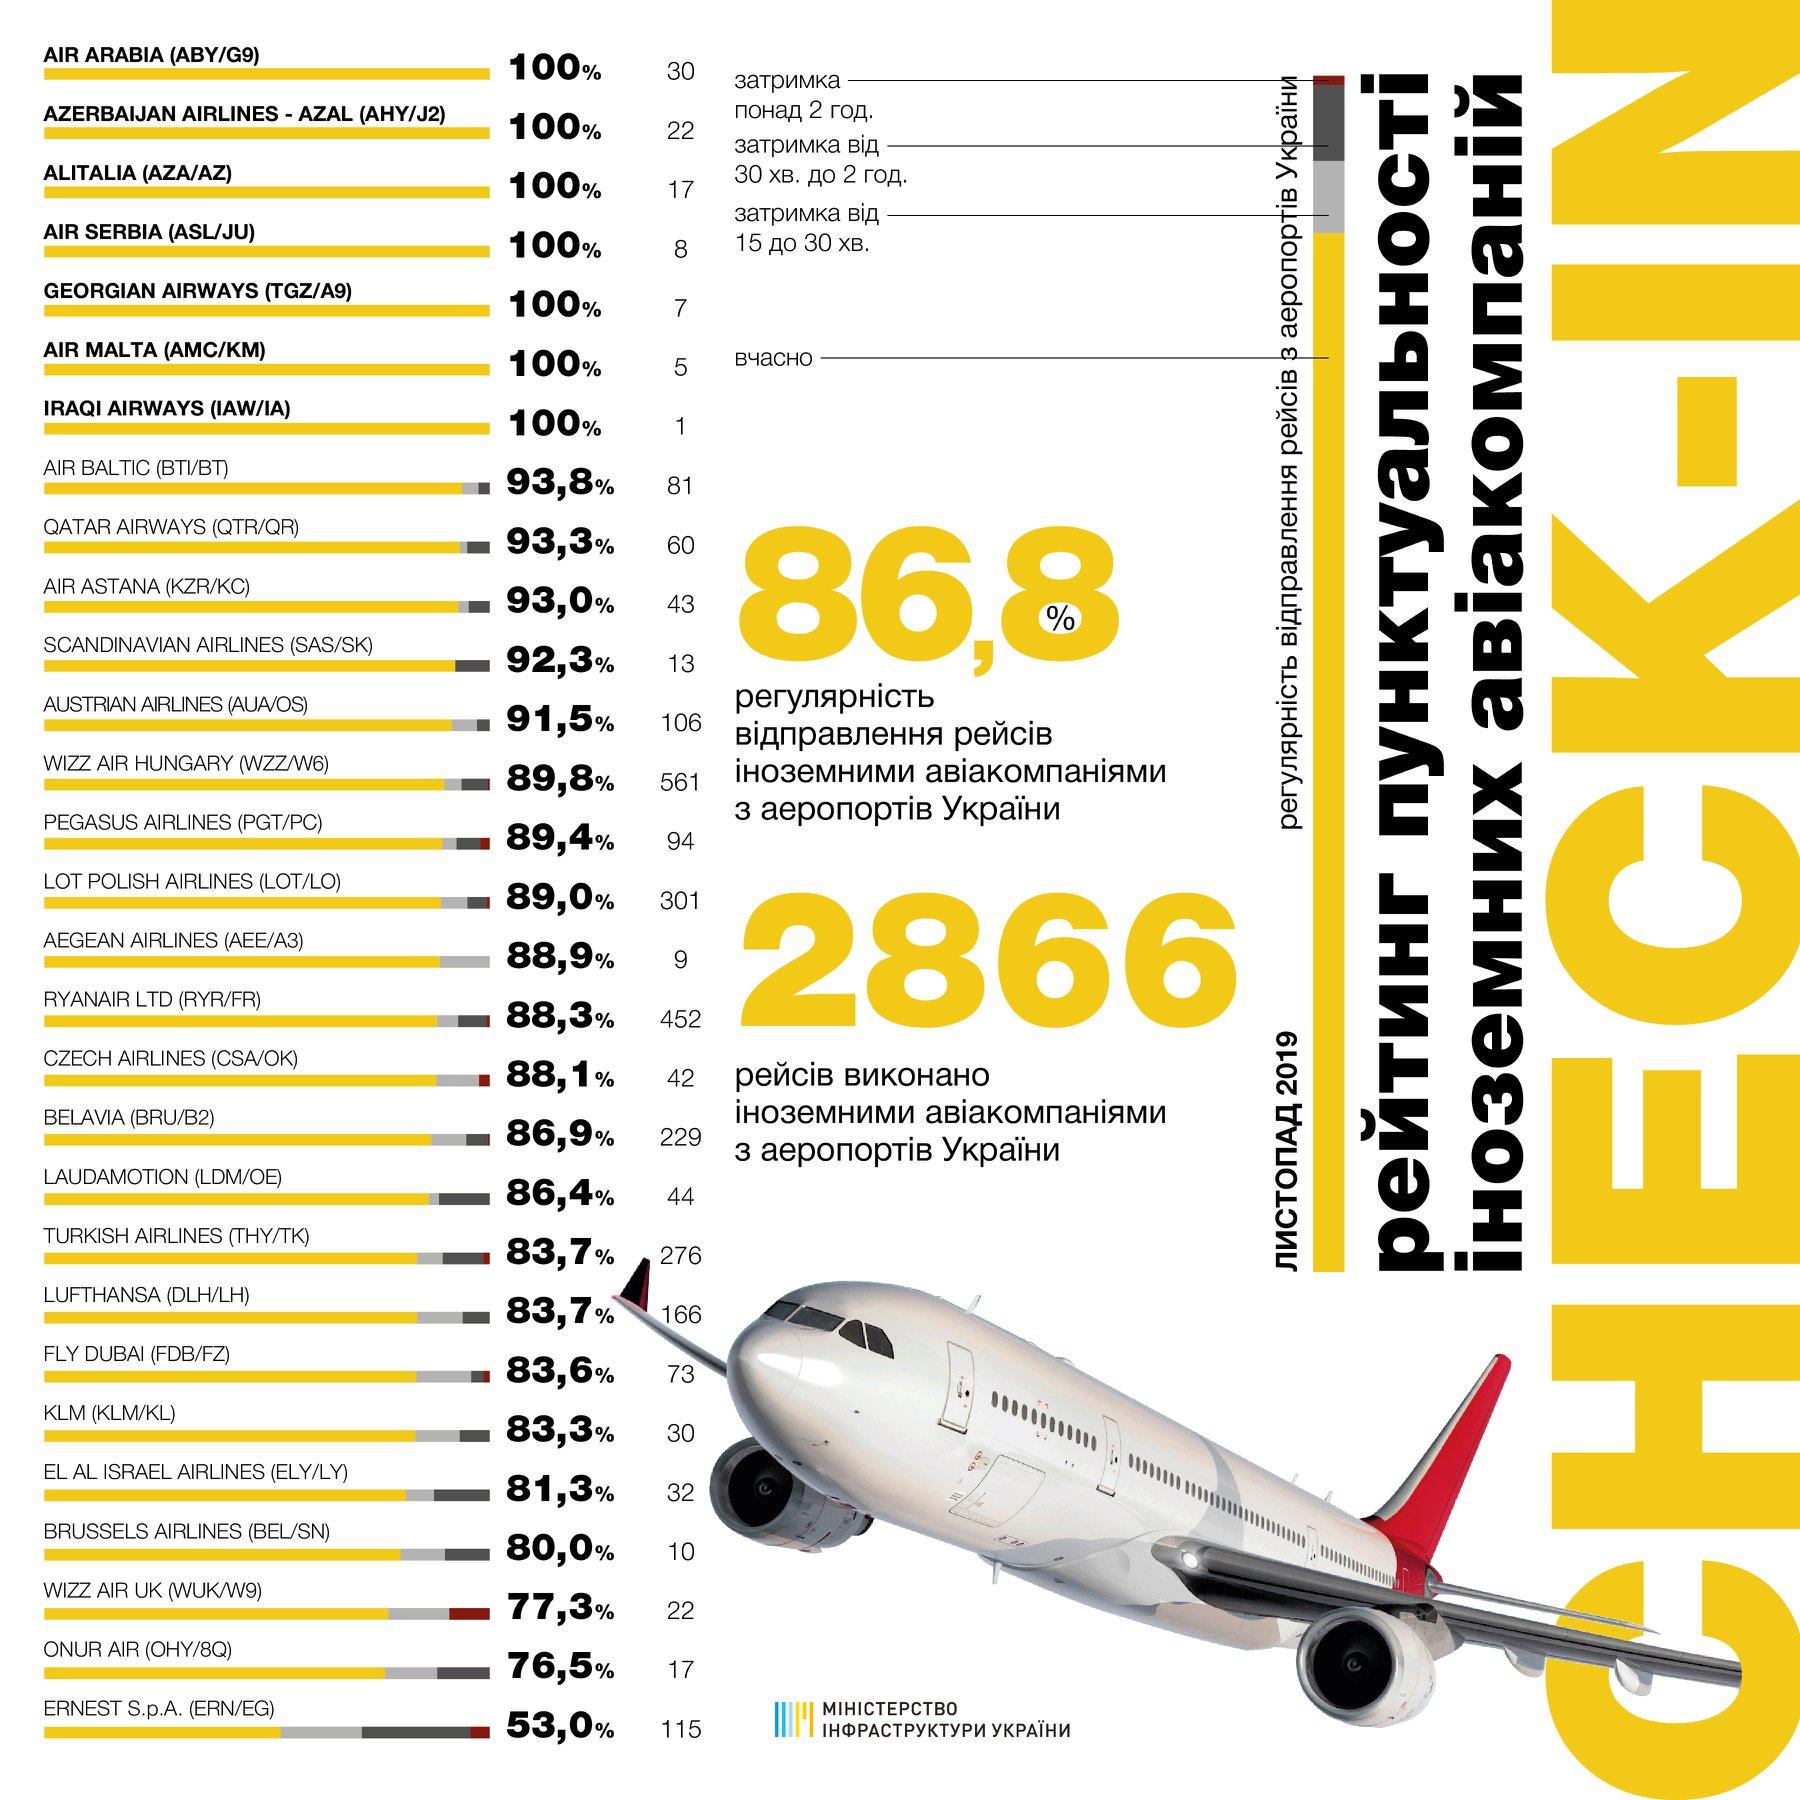 Статистика пунктуальности иностранных авиакомпаний в ноябре 2019 года: